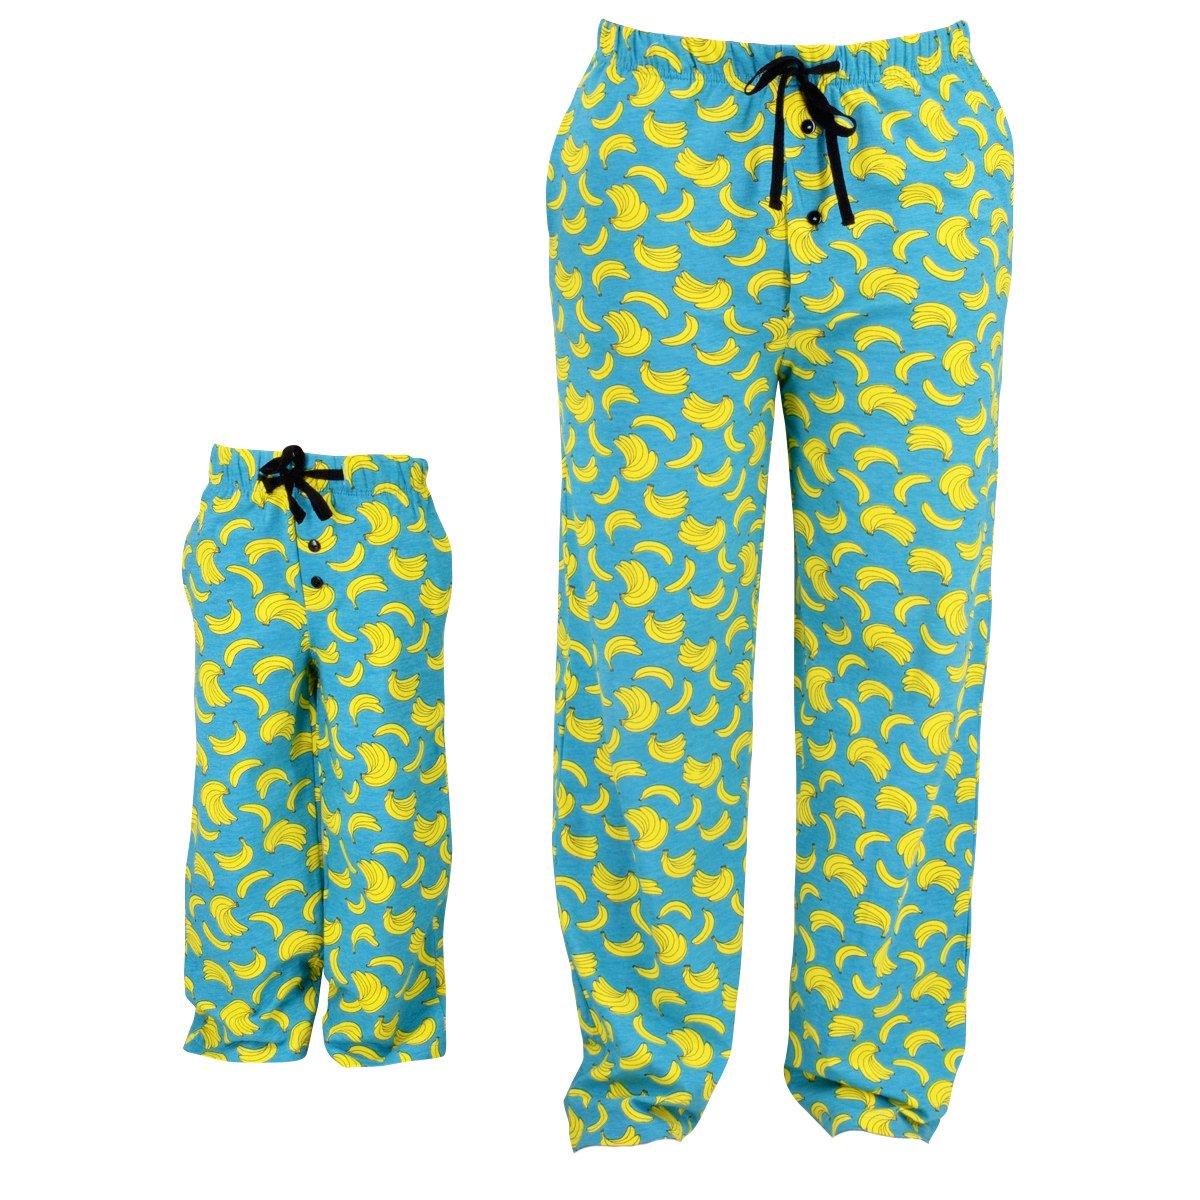 UB Kids Banana Print Matching Family Father's Day Pajama Pants (12)